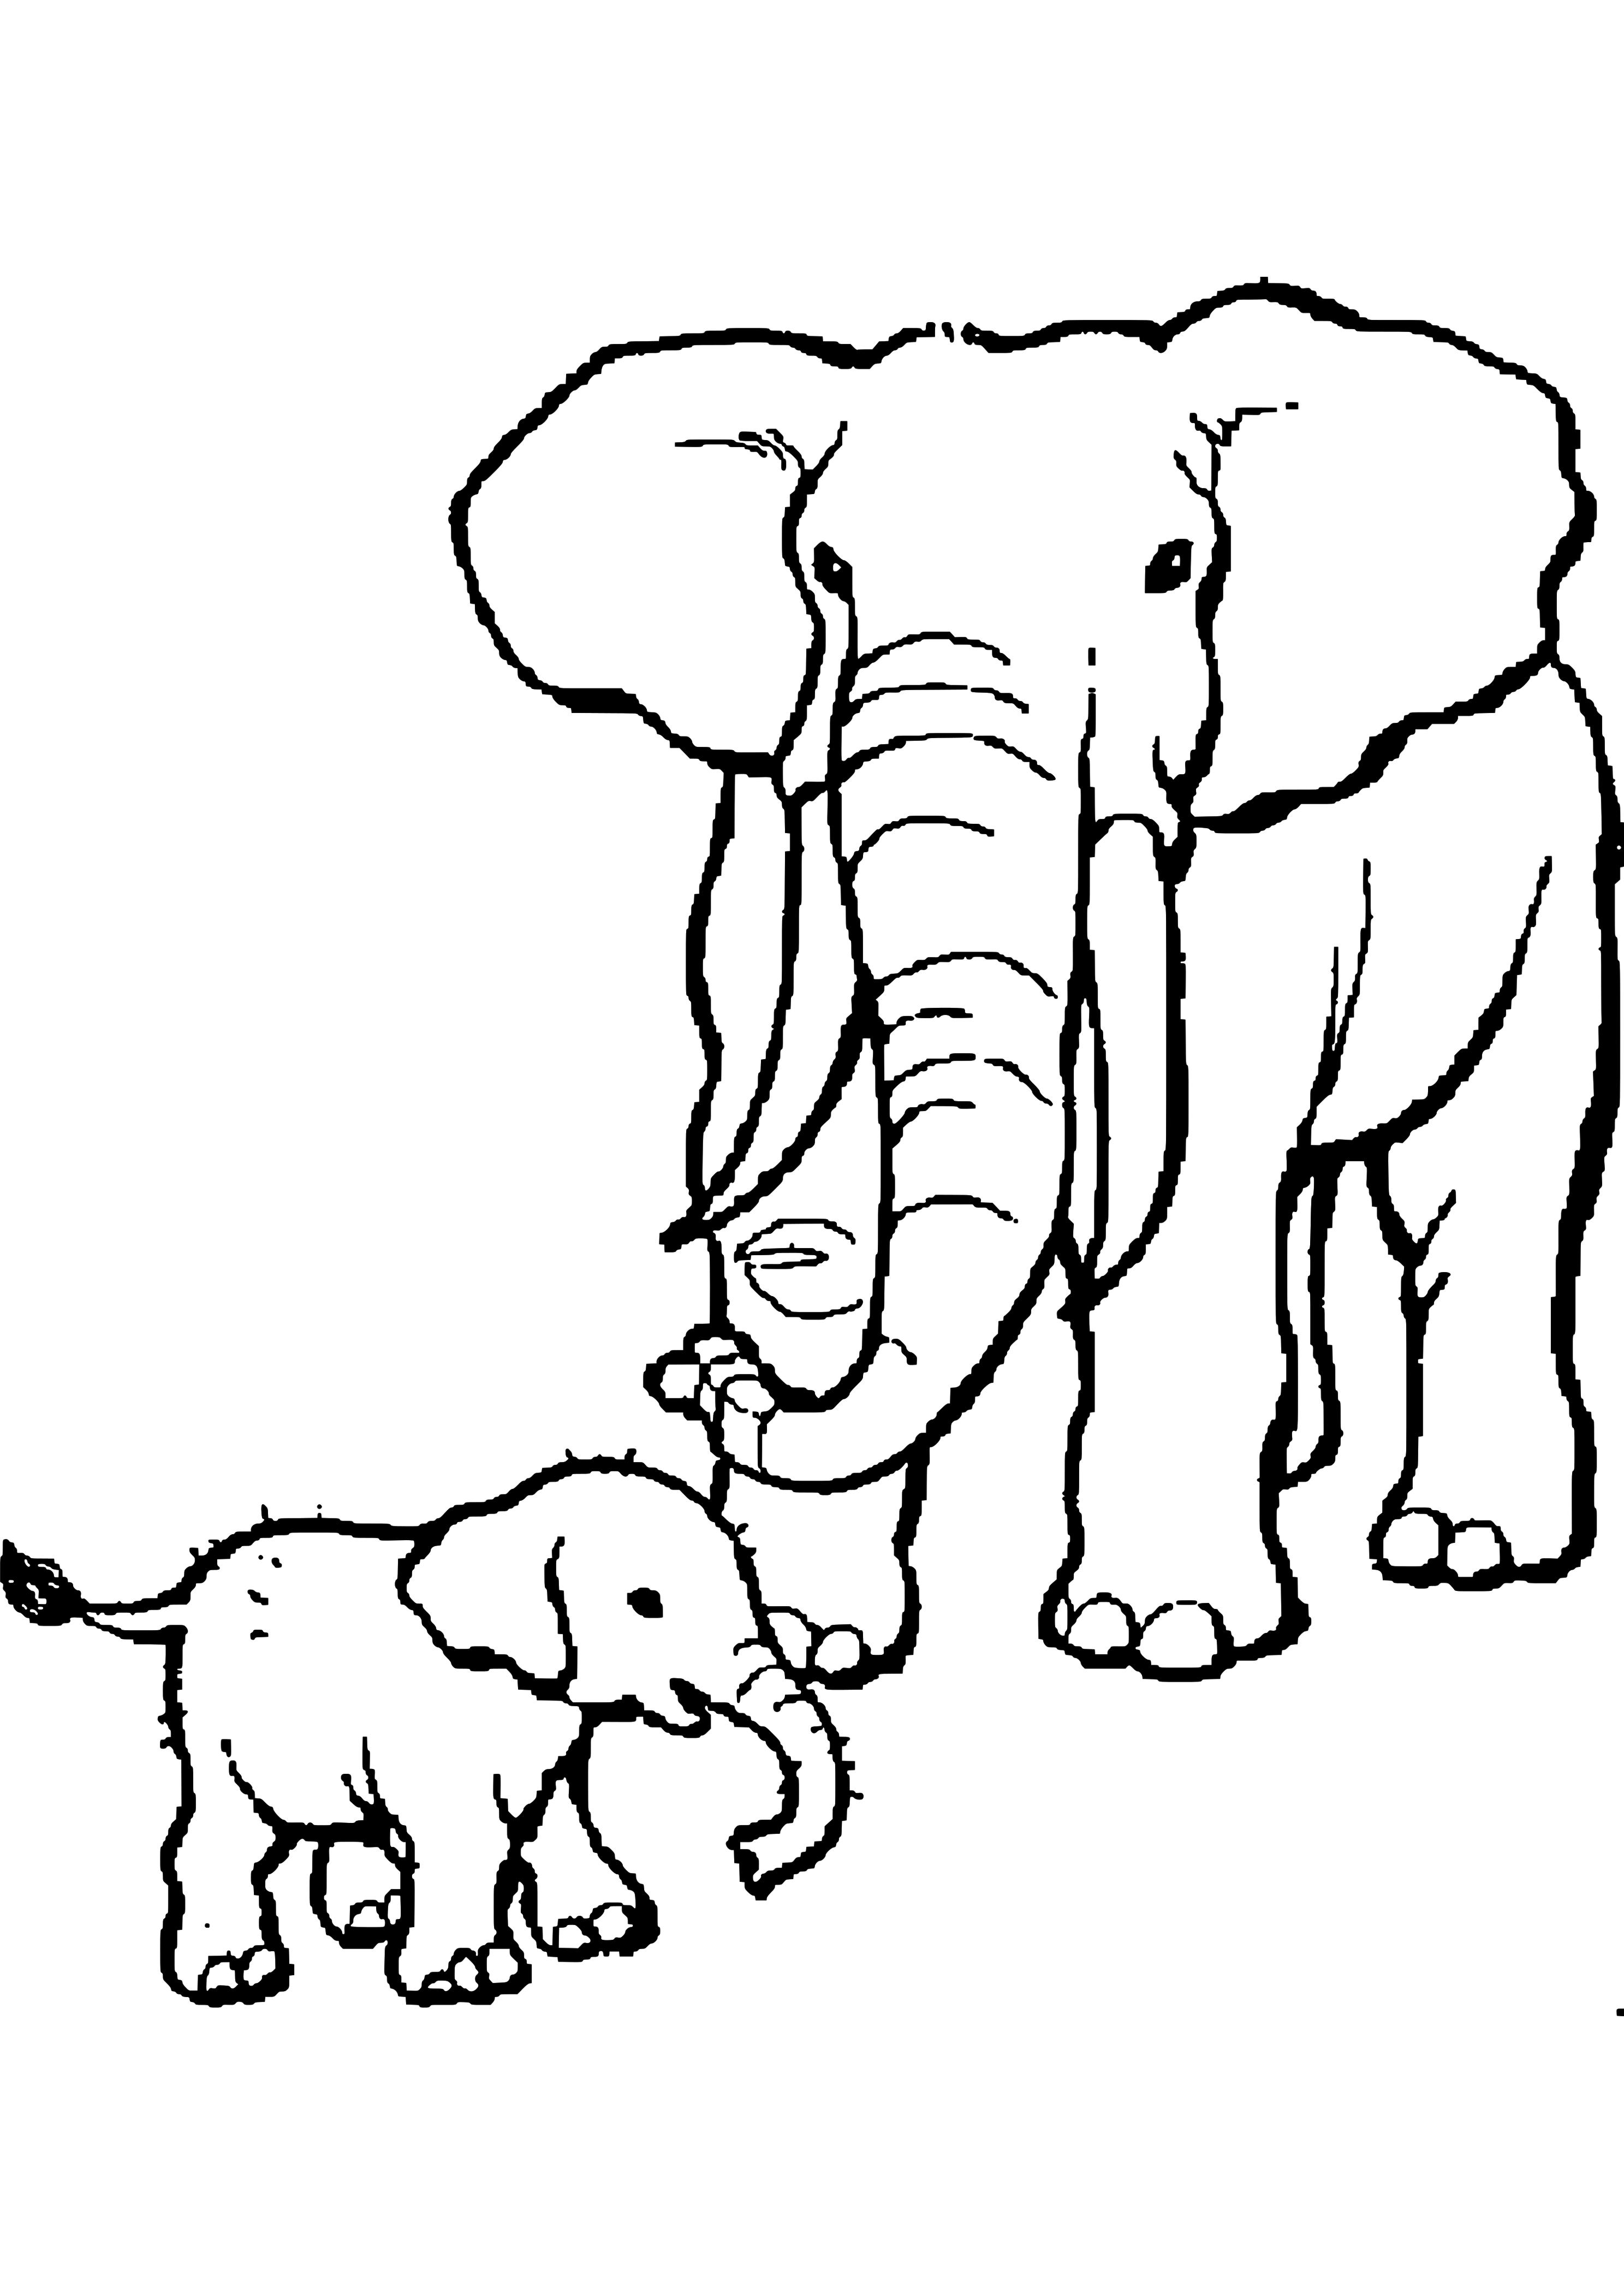 Malvorlagen Tiere Afrika Kostenlos – tiffanylovesbooks.com